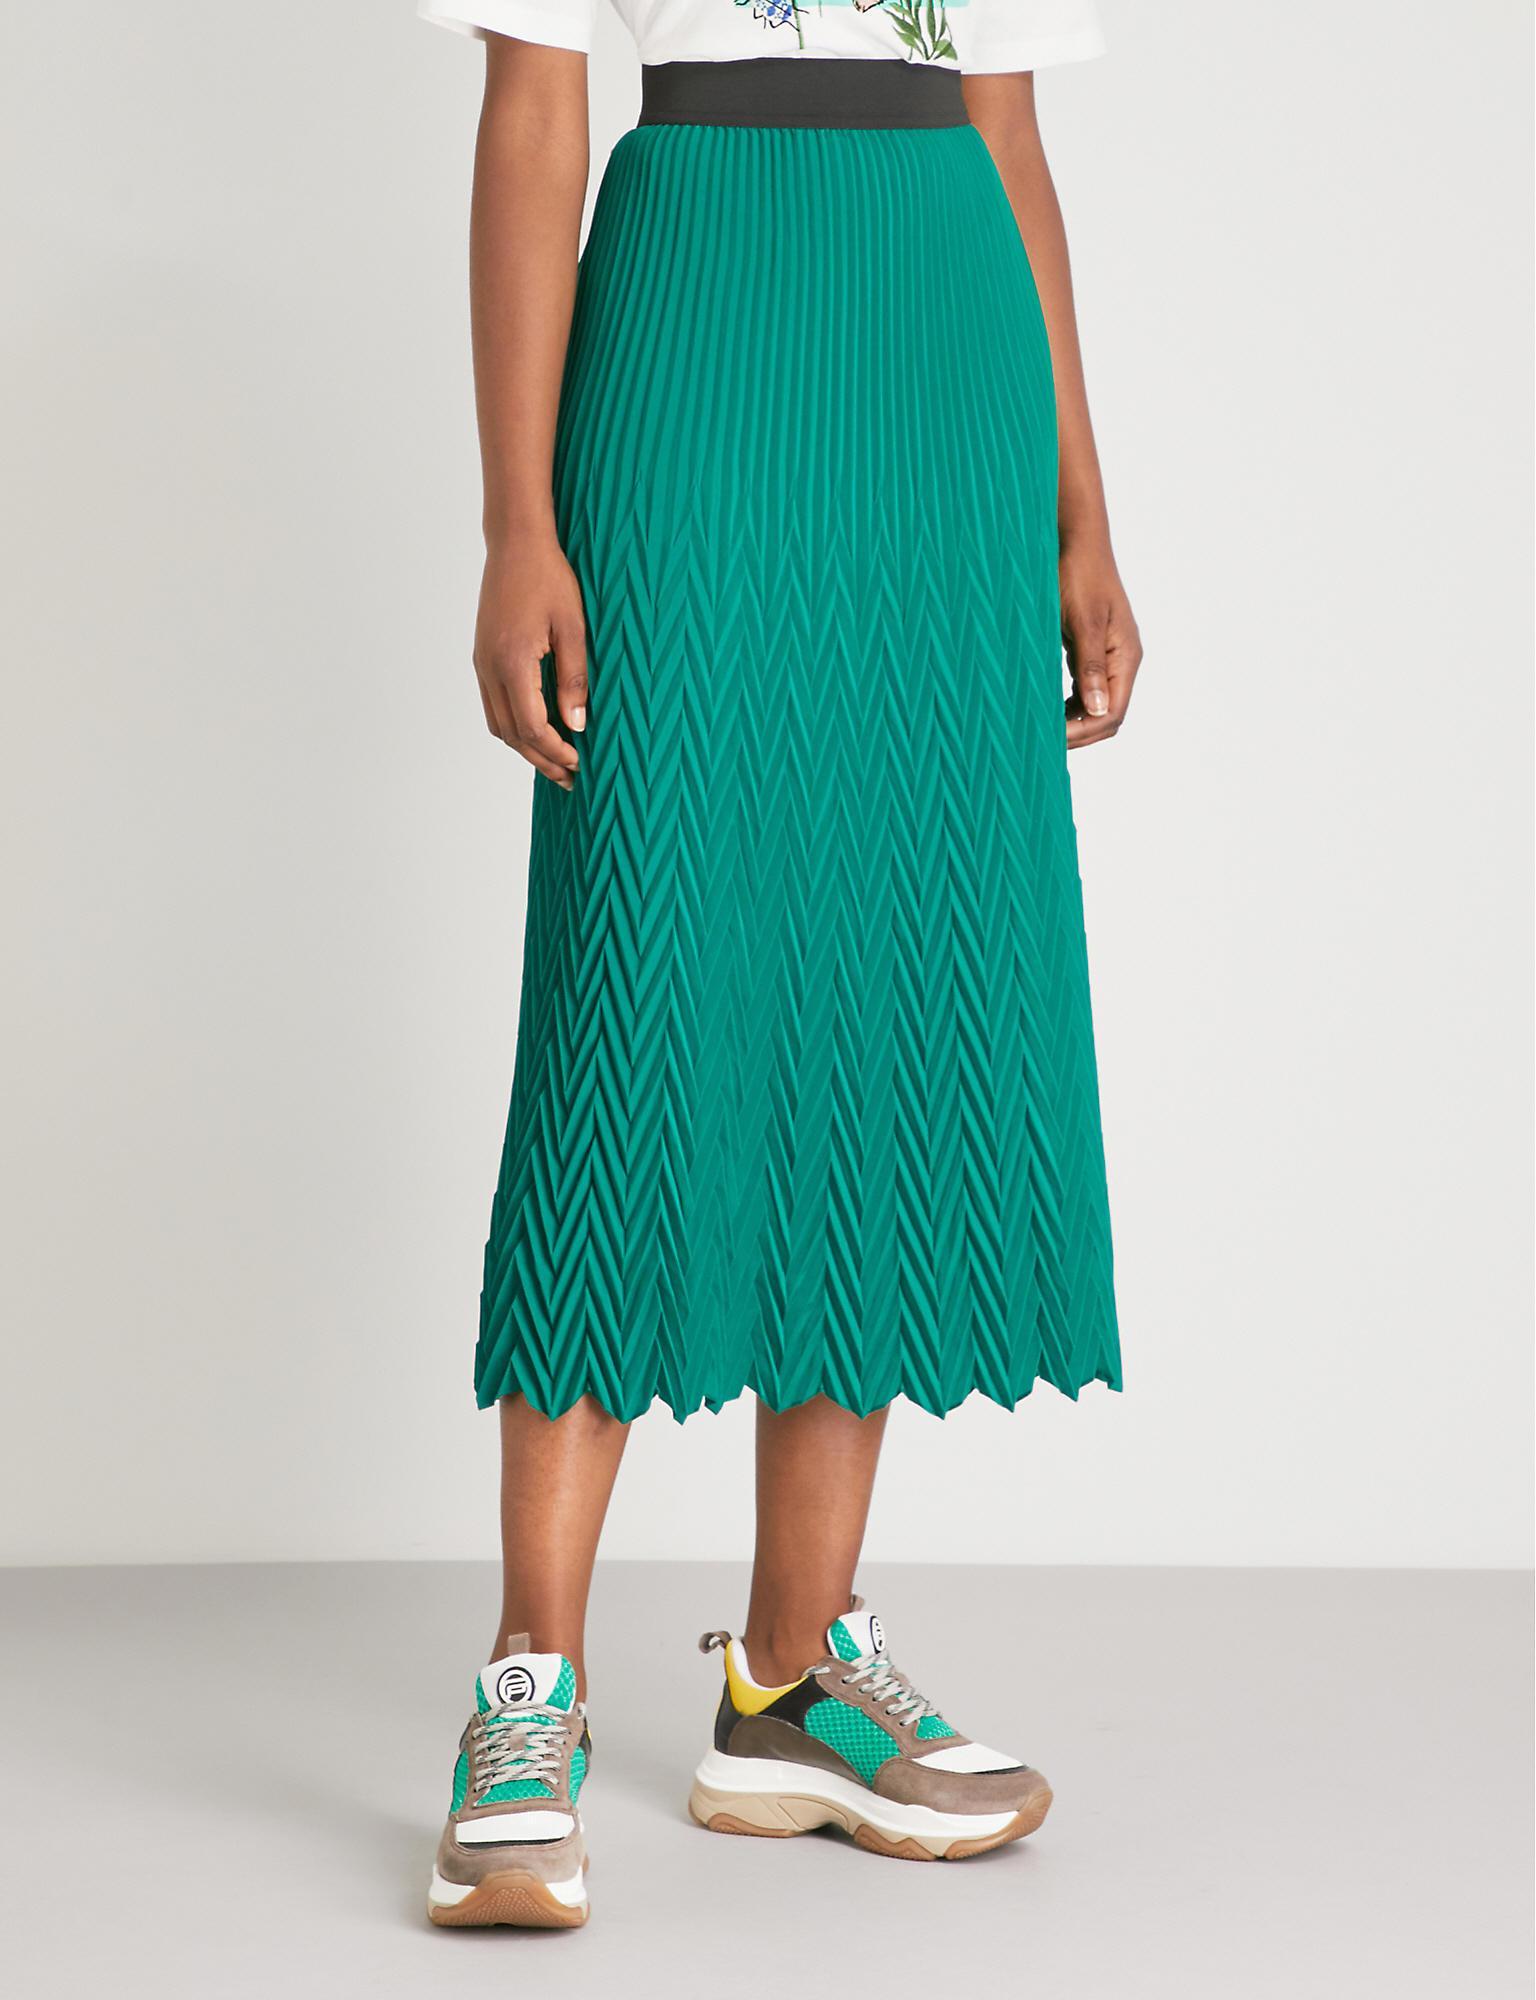 efc63672a1 Maje - Green Herringbone Pleated Maxi Skirt - Lyst. View fullscreen